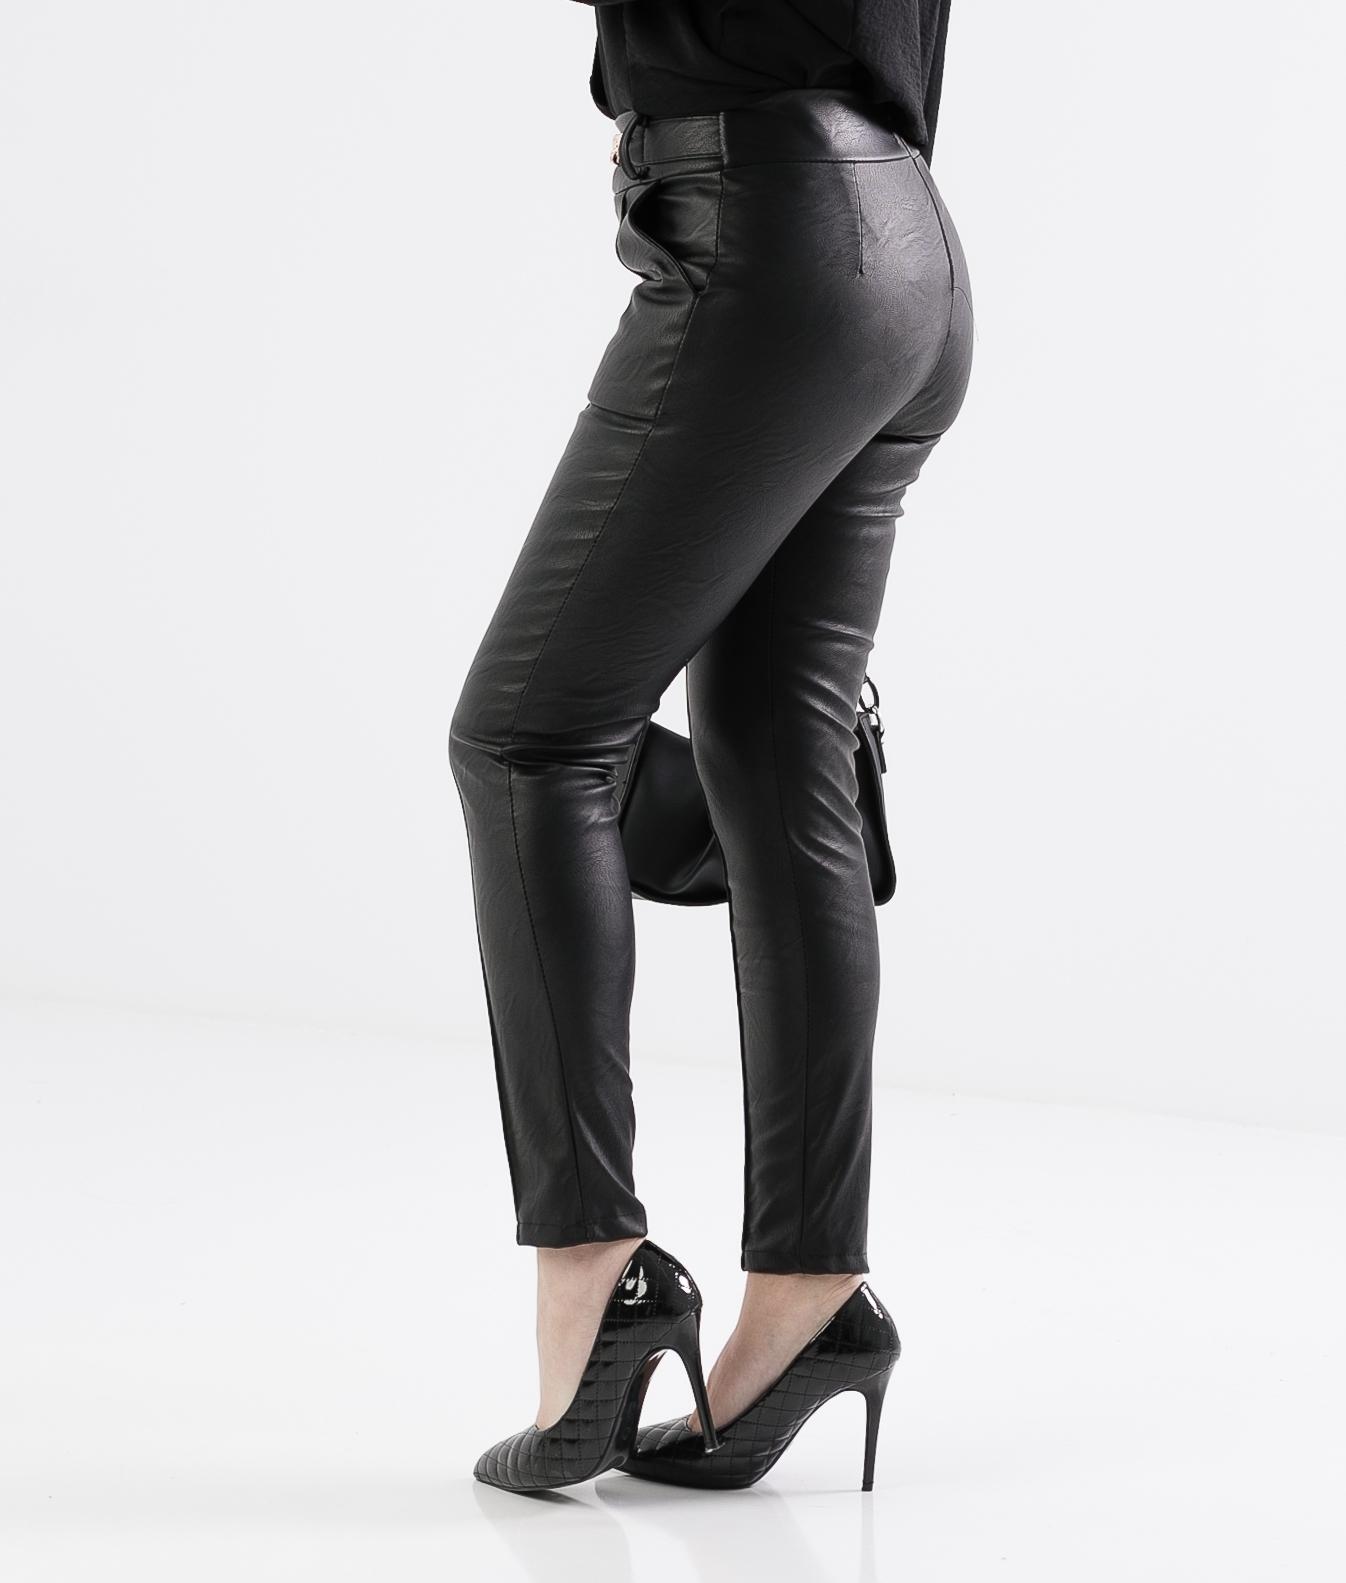 Pantalón Zuco - Black